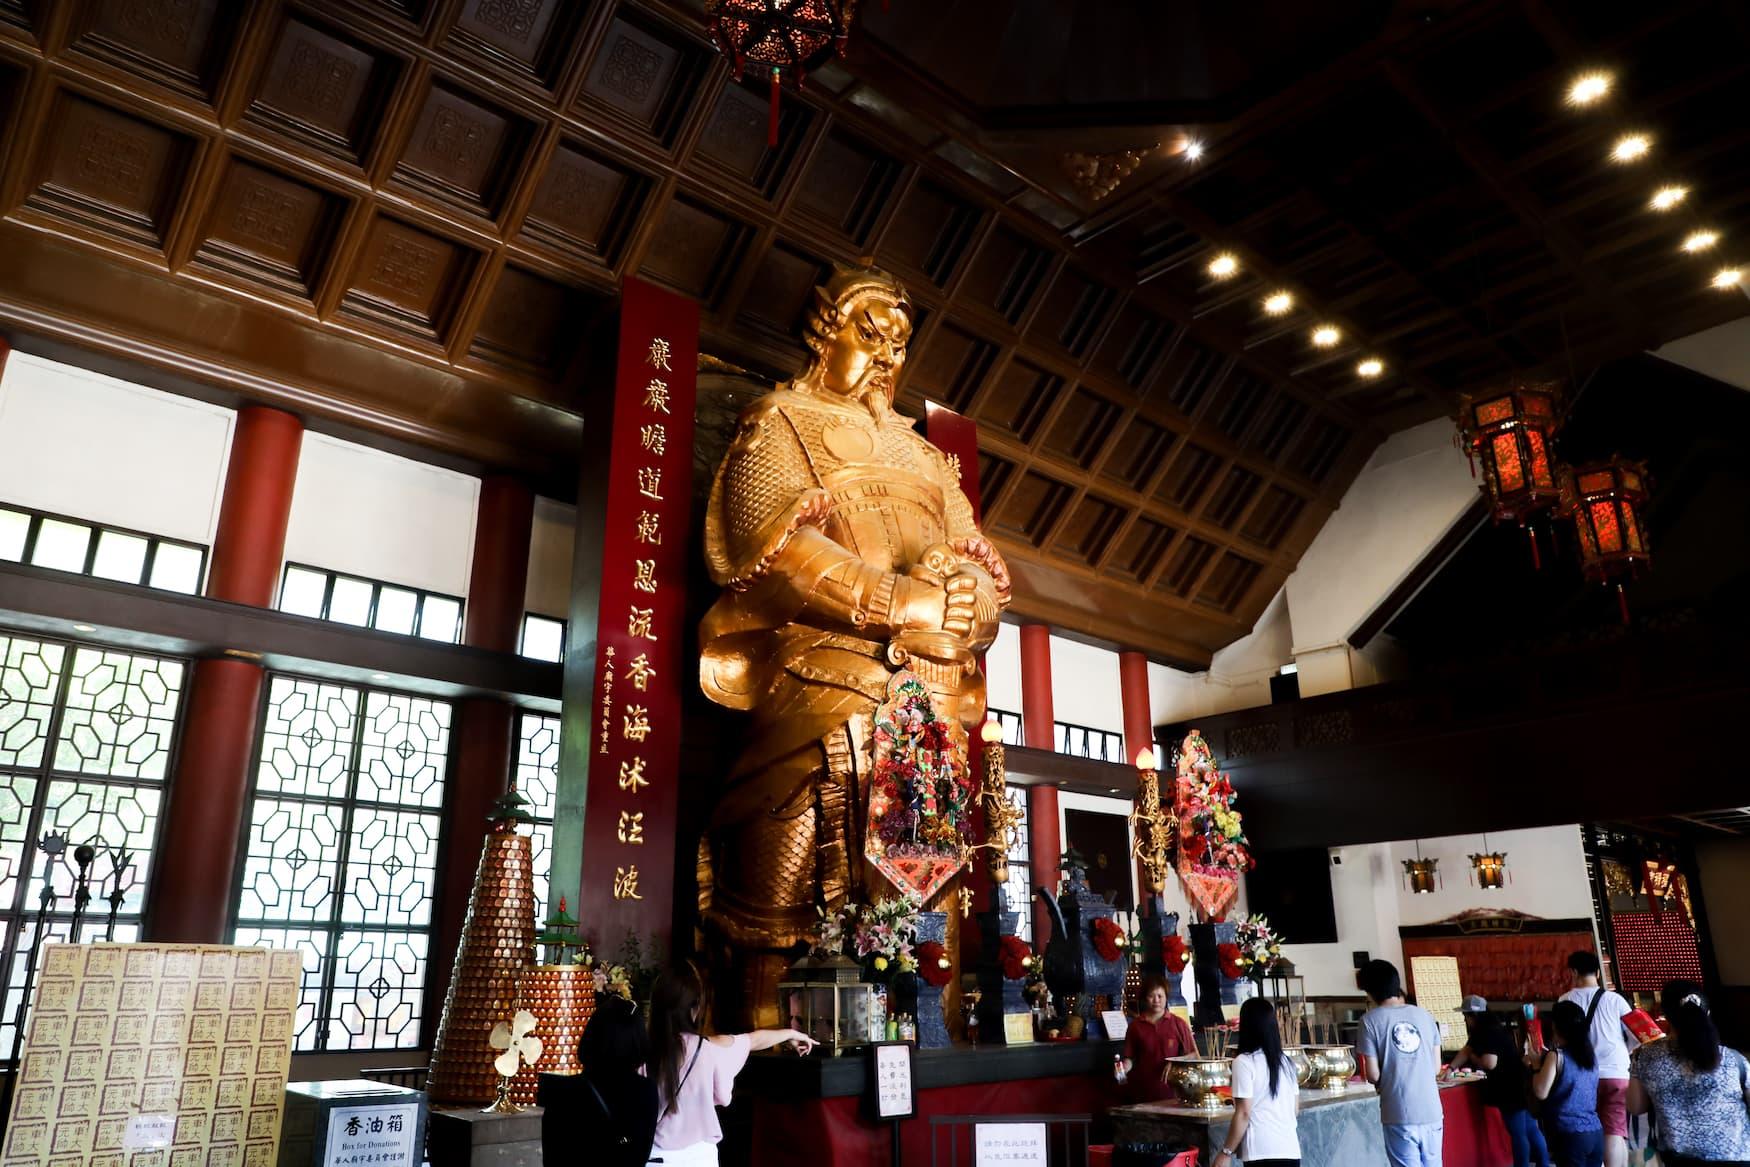 Statue im Che Kung Temple in Hongkong. Eine beliebte Pilgerstätte